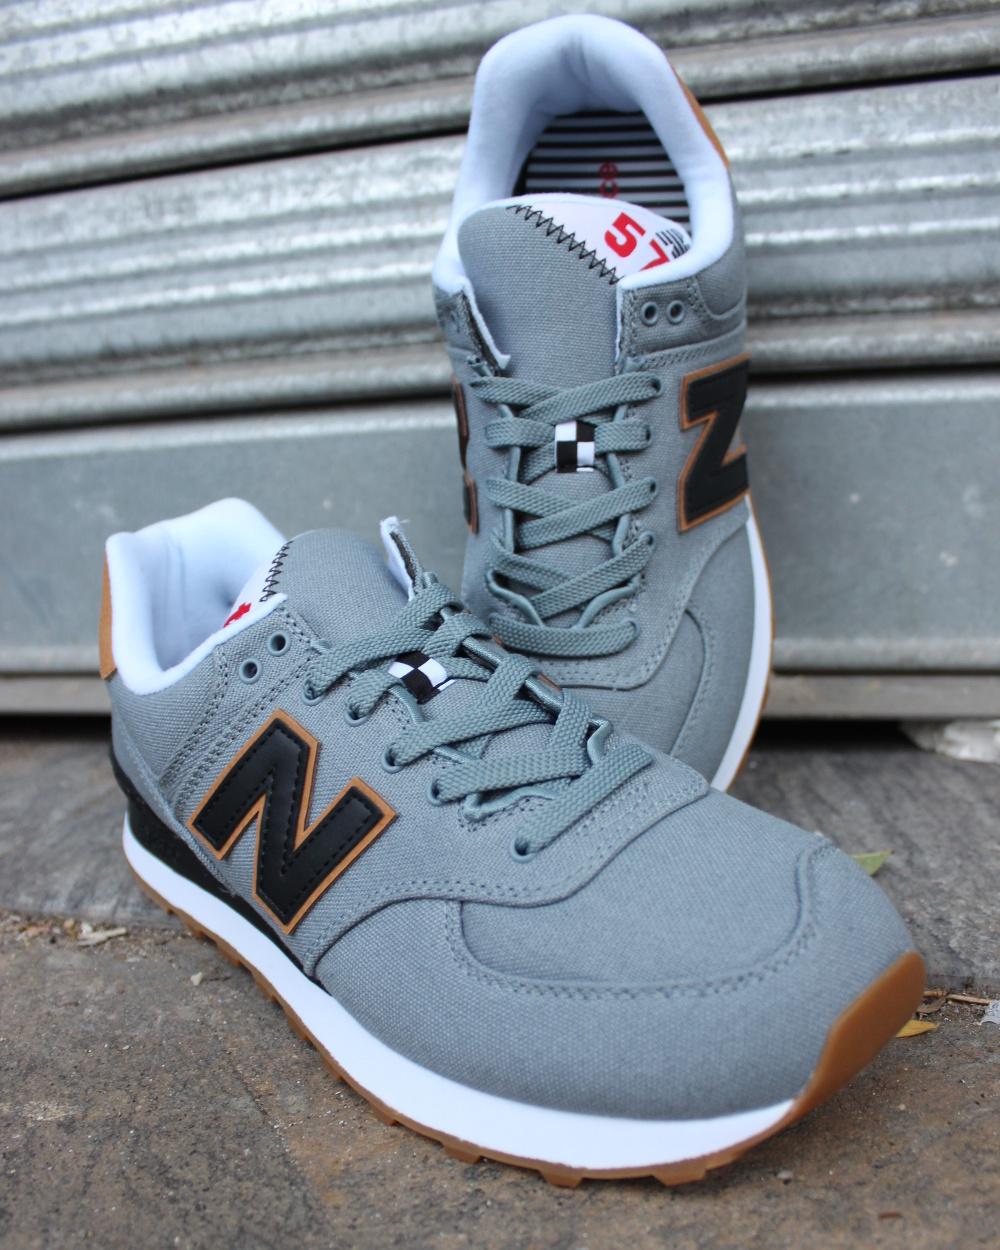 Buena Venta Con Descuento Ebay La Venta En Línea New Balance 574 Canvas Scarpe Sneakers Trainers Sportive Ginnastica Grigio Comprar El Precio Barato Comprar Tienda Barata Para byHuIG2sYh